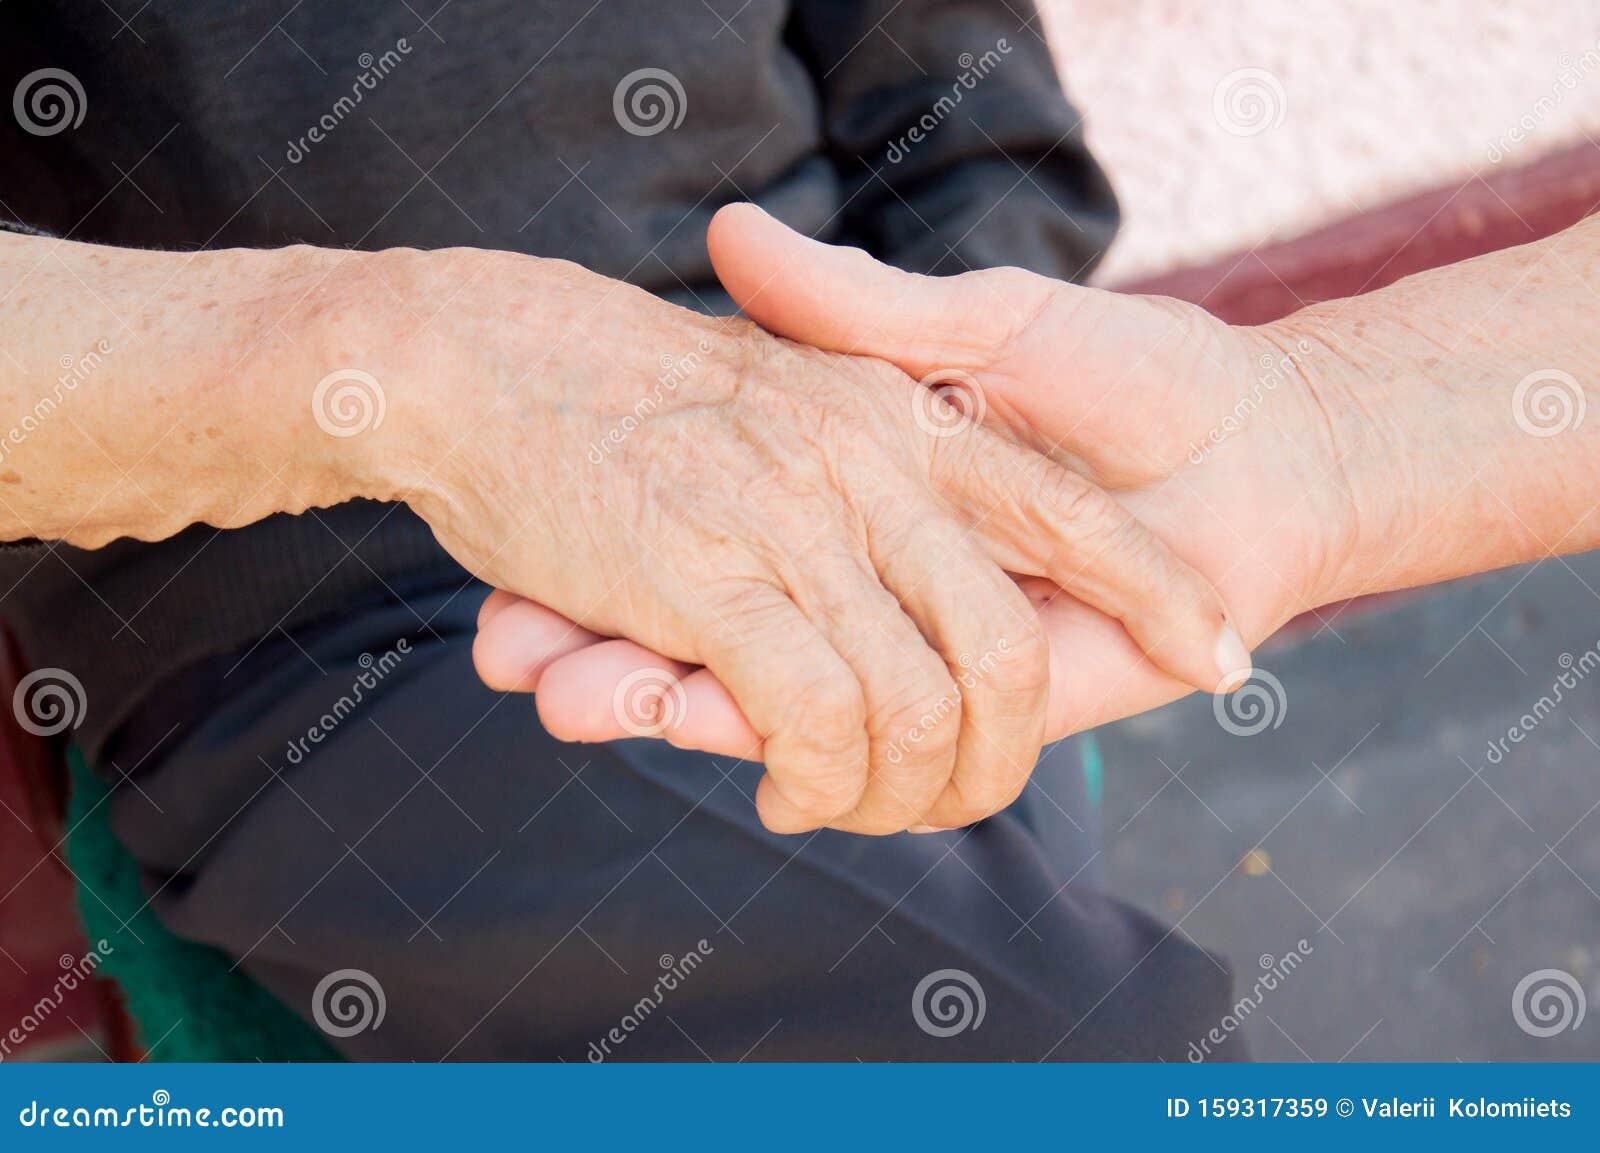 Liebe händchen halten Beziehung: Was